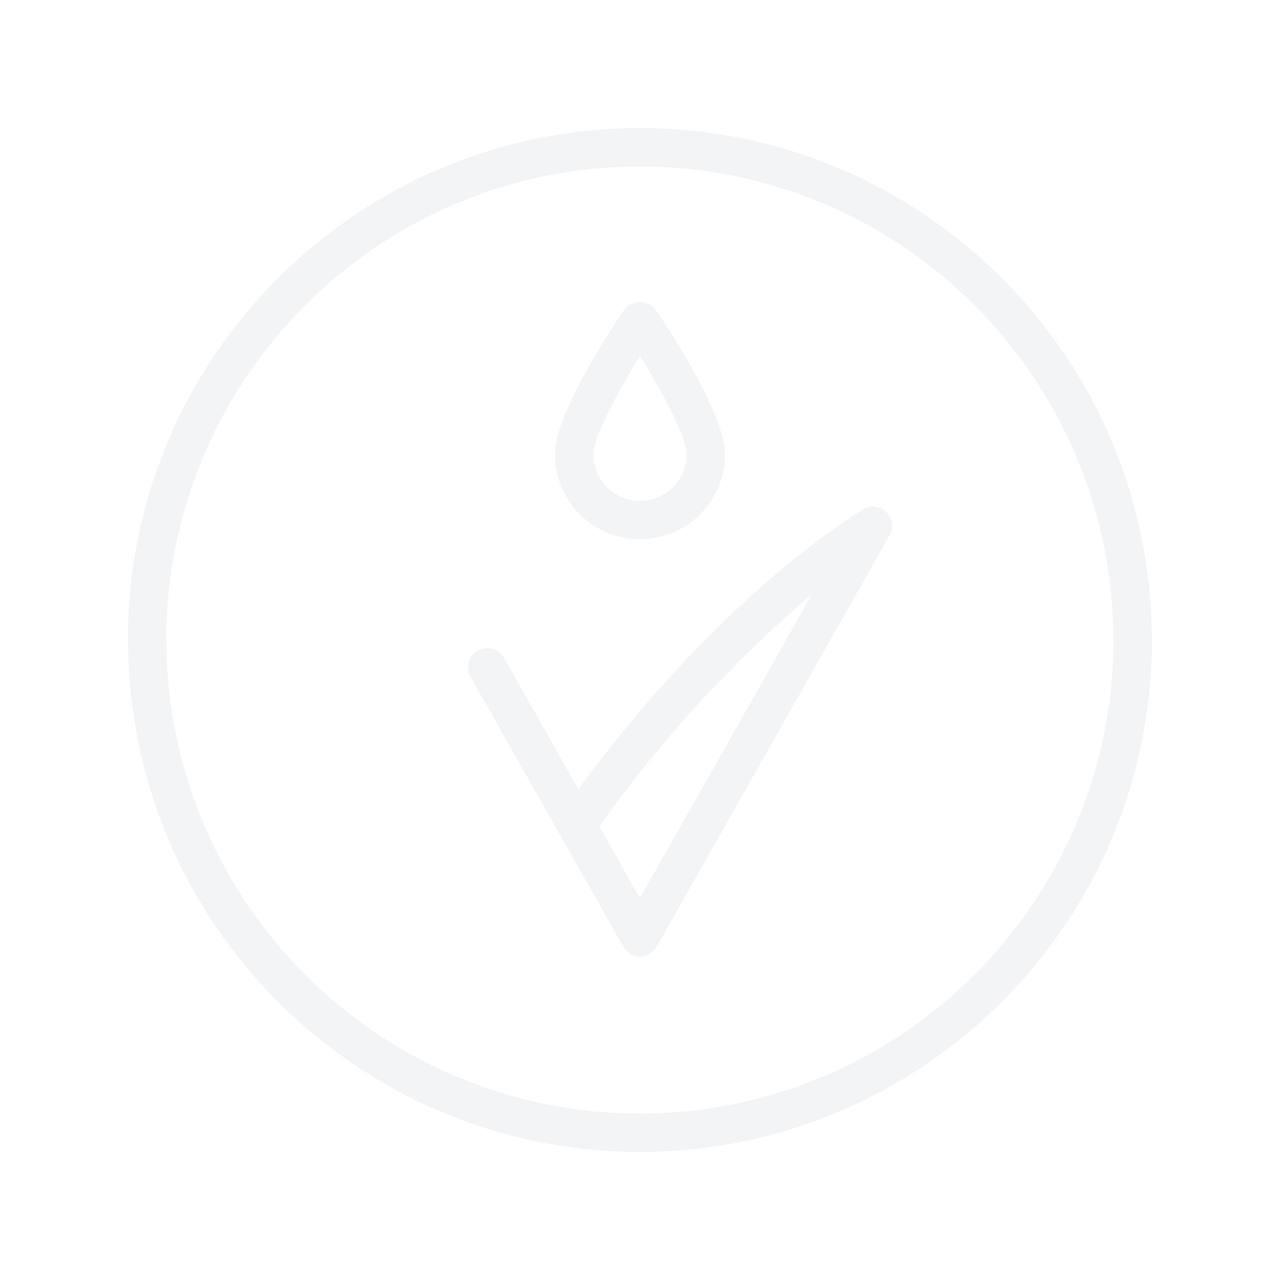 E.L.F. Clay Eyeshadow Palette 7.5g